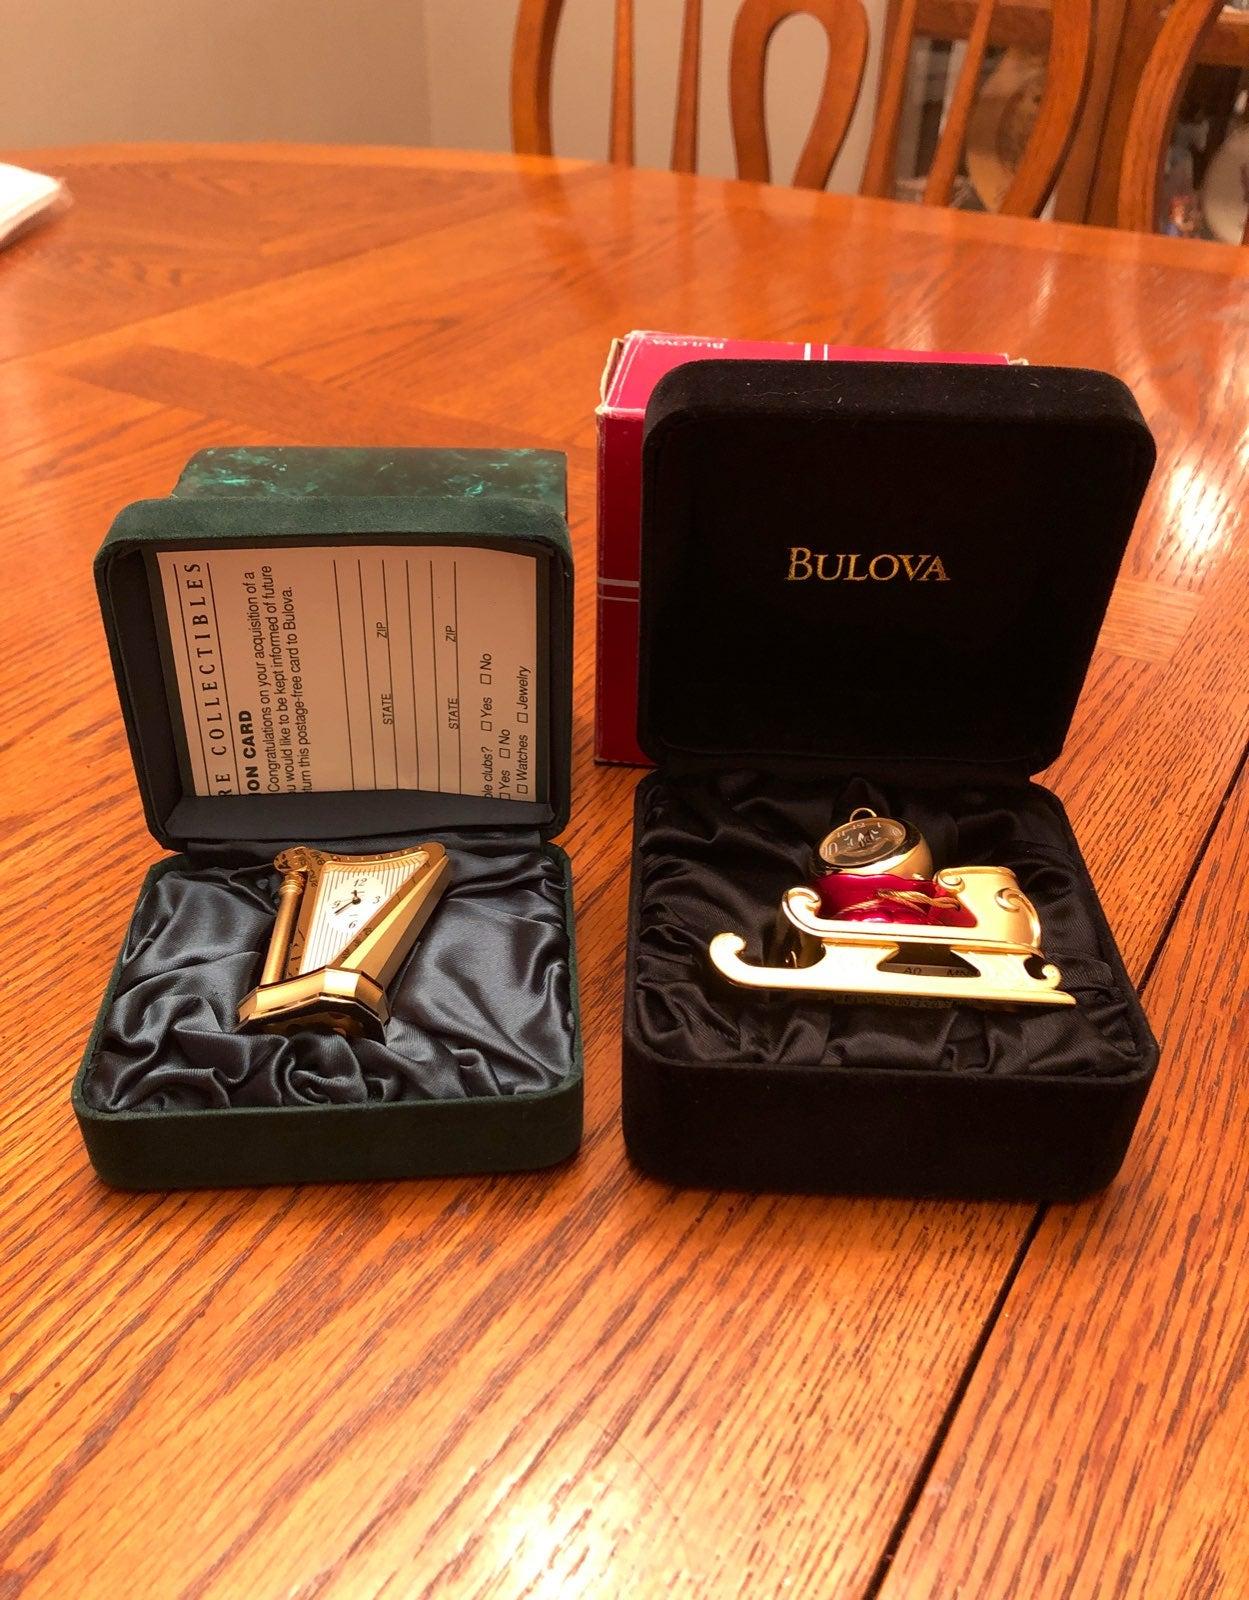 Two Bulova Miniture Clocks